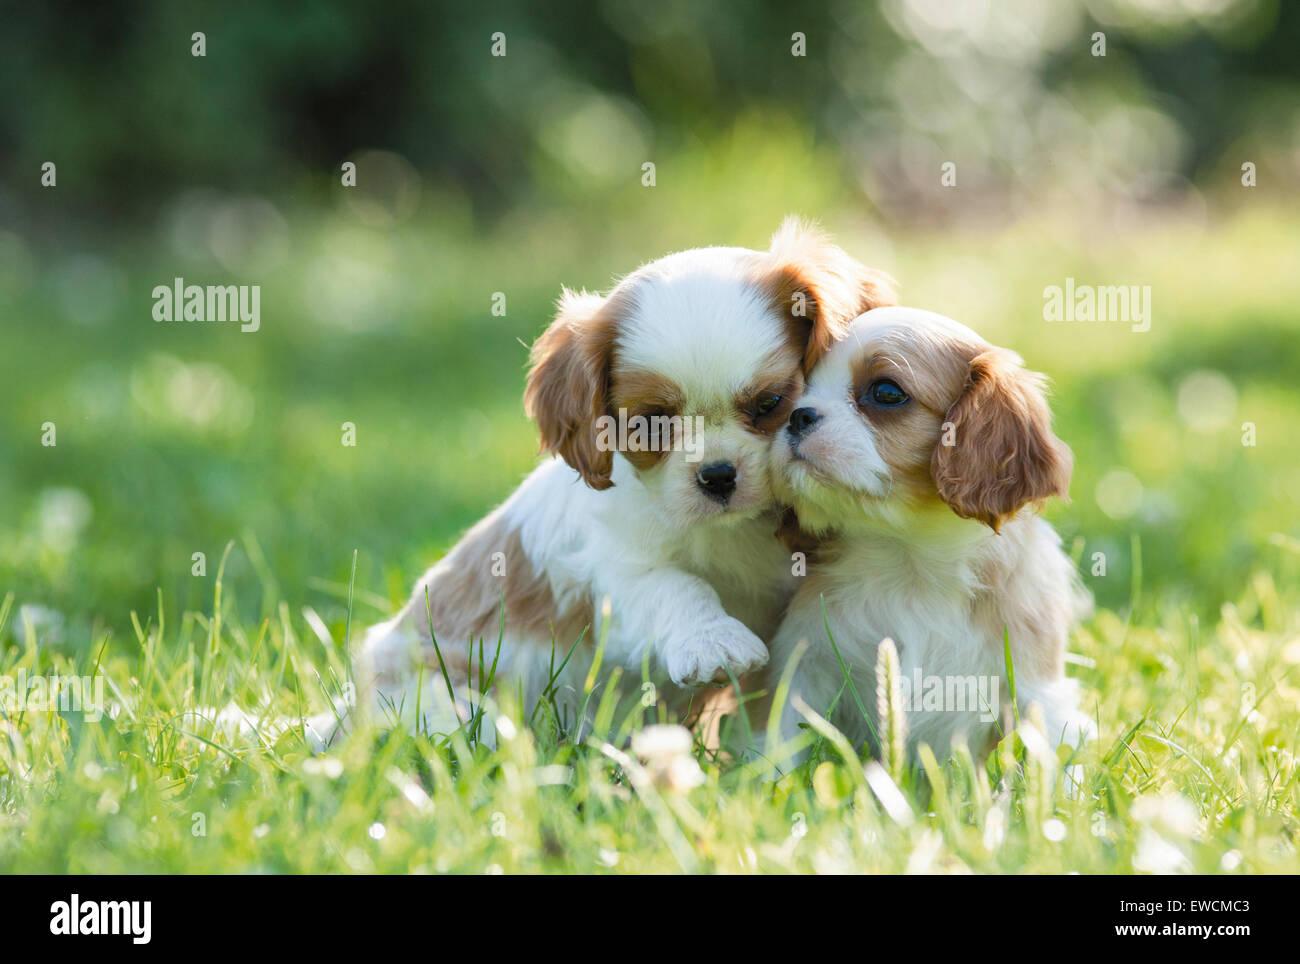 Cavalier King Charles Spaniel.due cuccioli seduti su un prato. Germania Immagini Stock